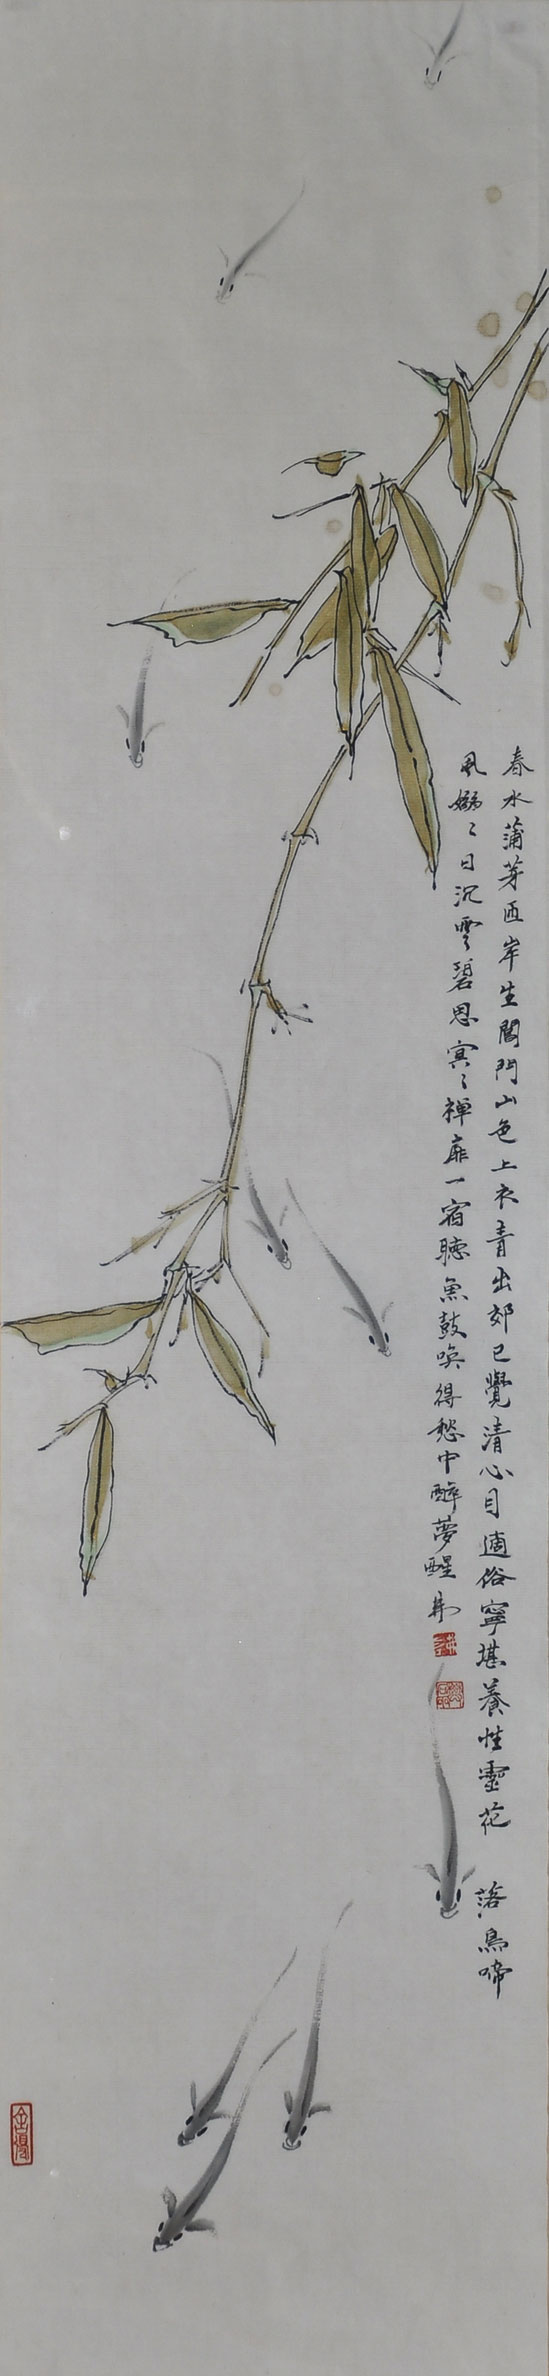 003 樊磊